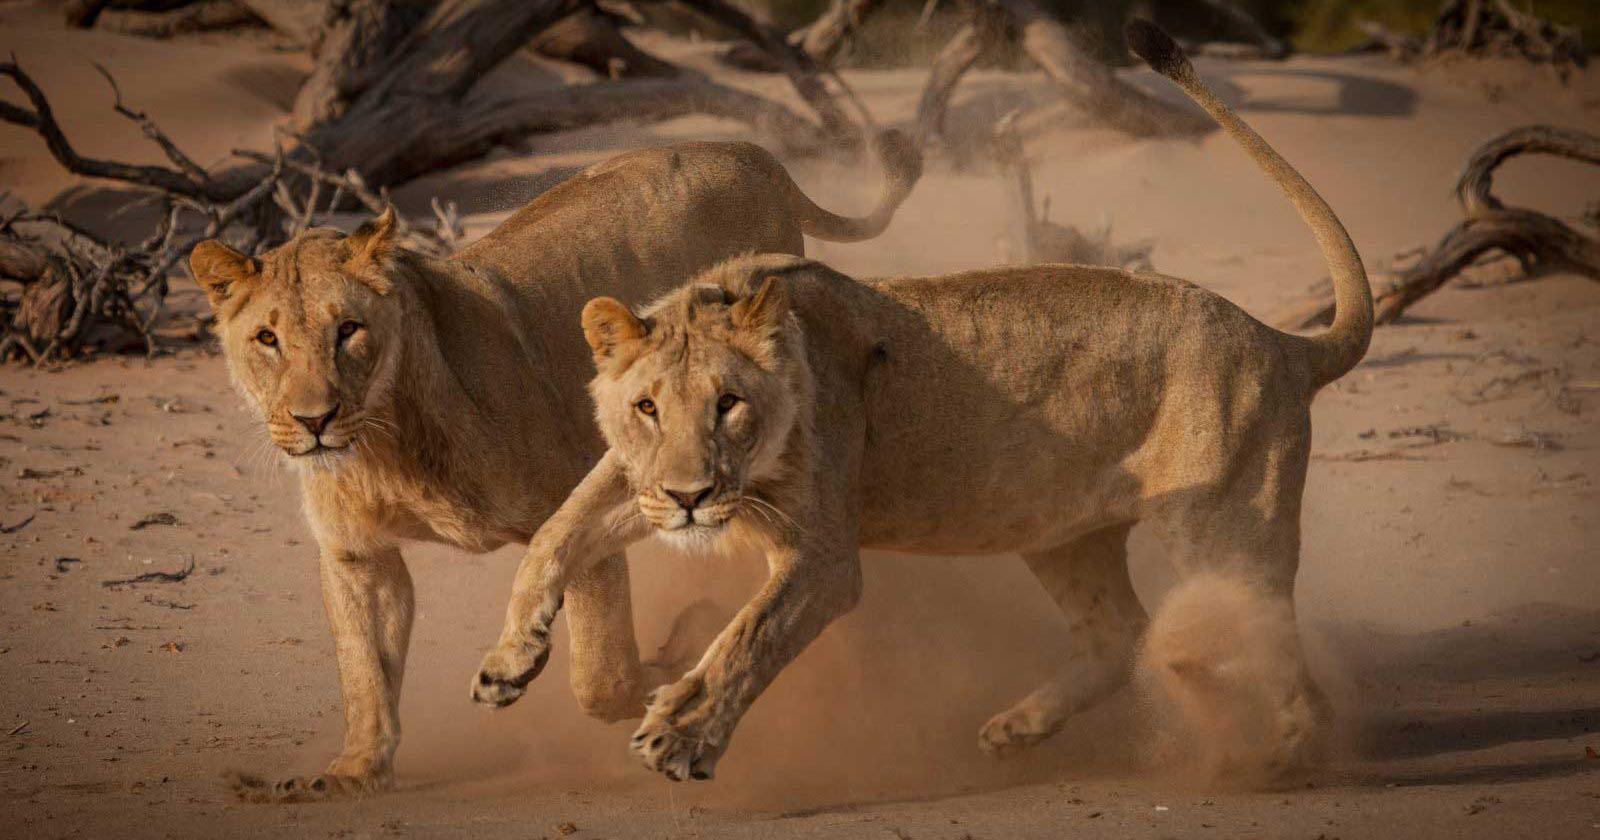 Leones adaptados al desierto de Namibia, en Africa.